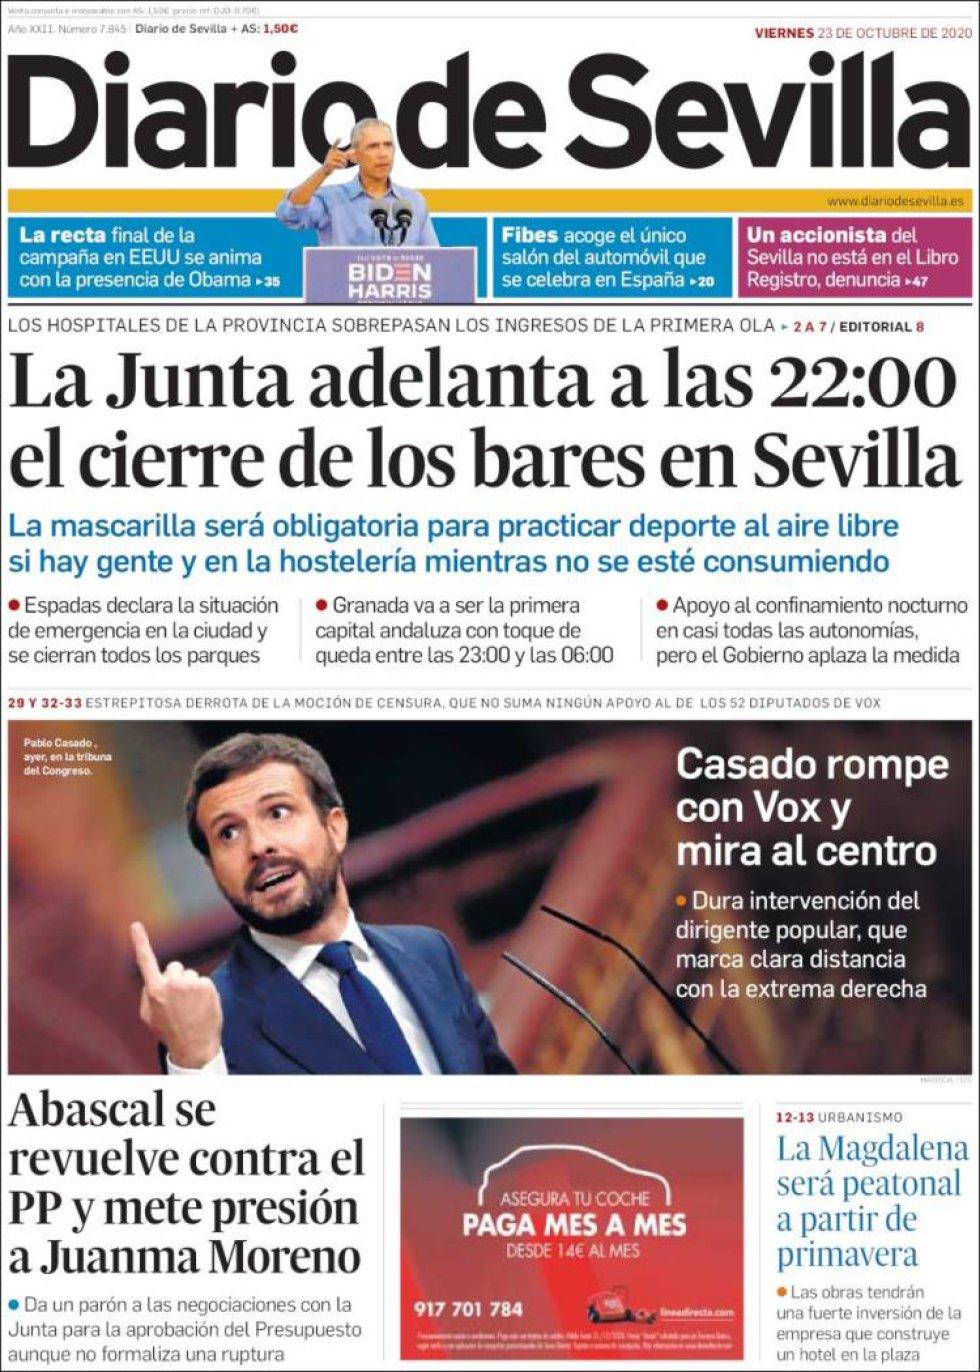 'Casado rompe con Vox y mira al centro', titula 'Diario de Sevilla'